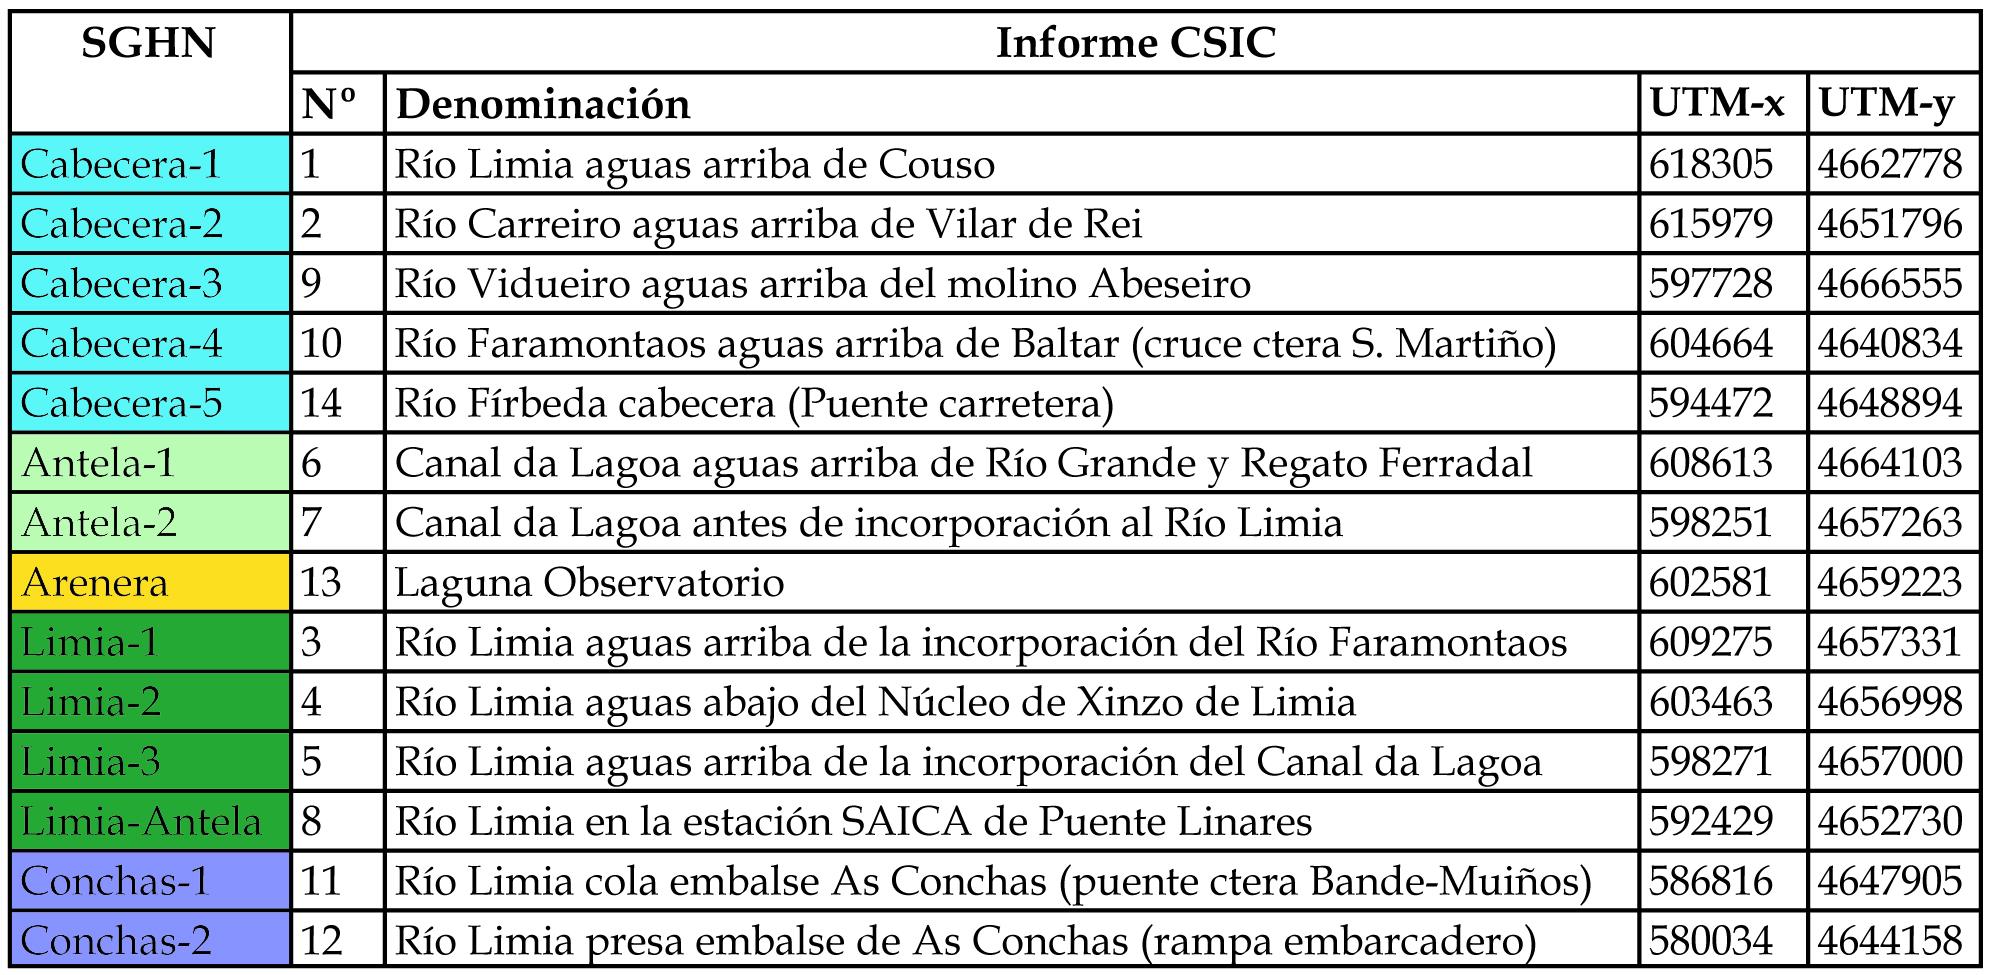 Puntos de mostraxe dos nitratos no estudo do CSIC